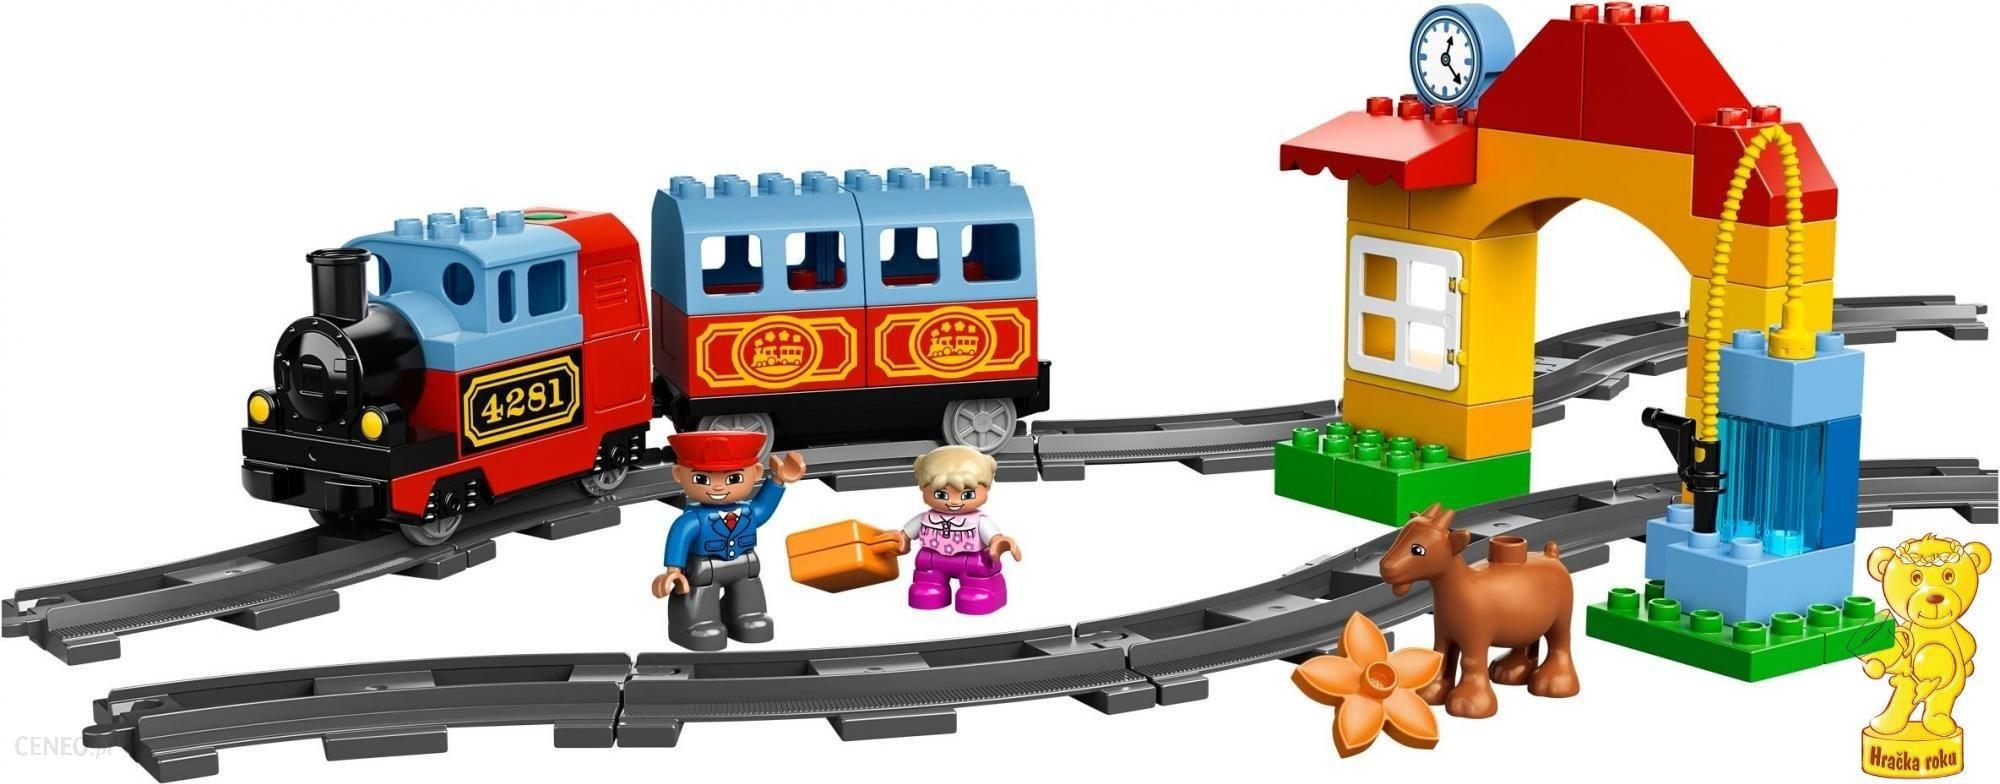 Klocki Lego Duplo Mój Pierwszy Pociąg 10507 Ceny I Opinie Ceneopl